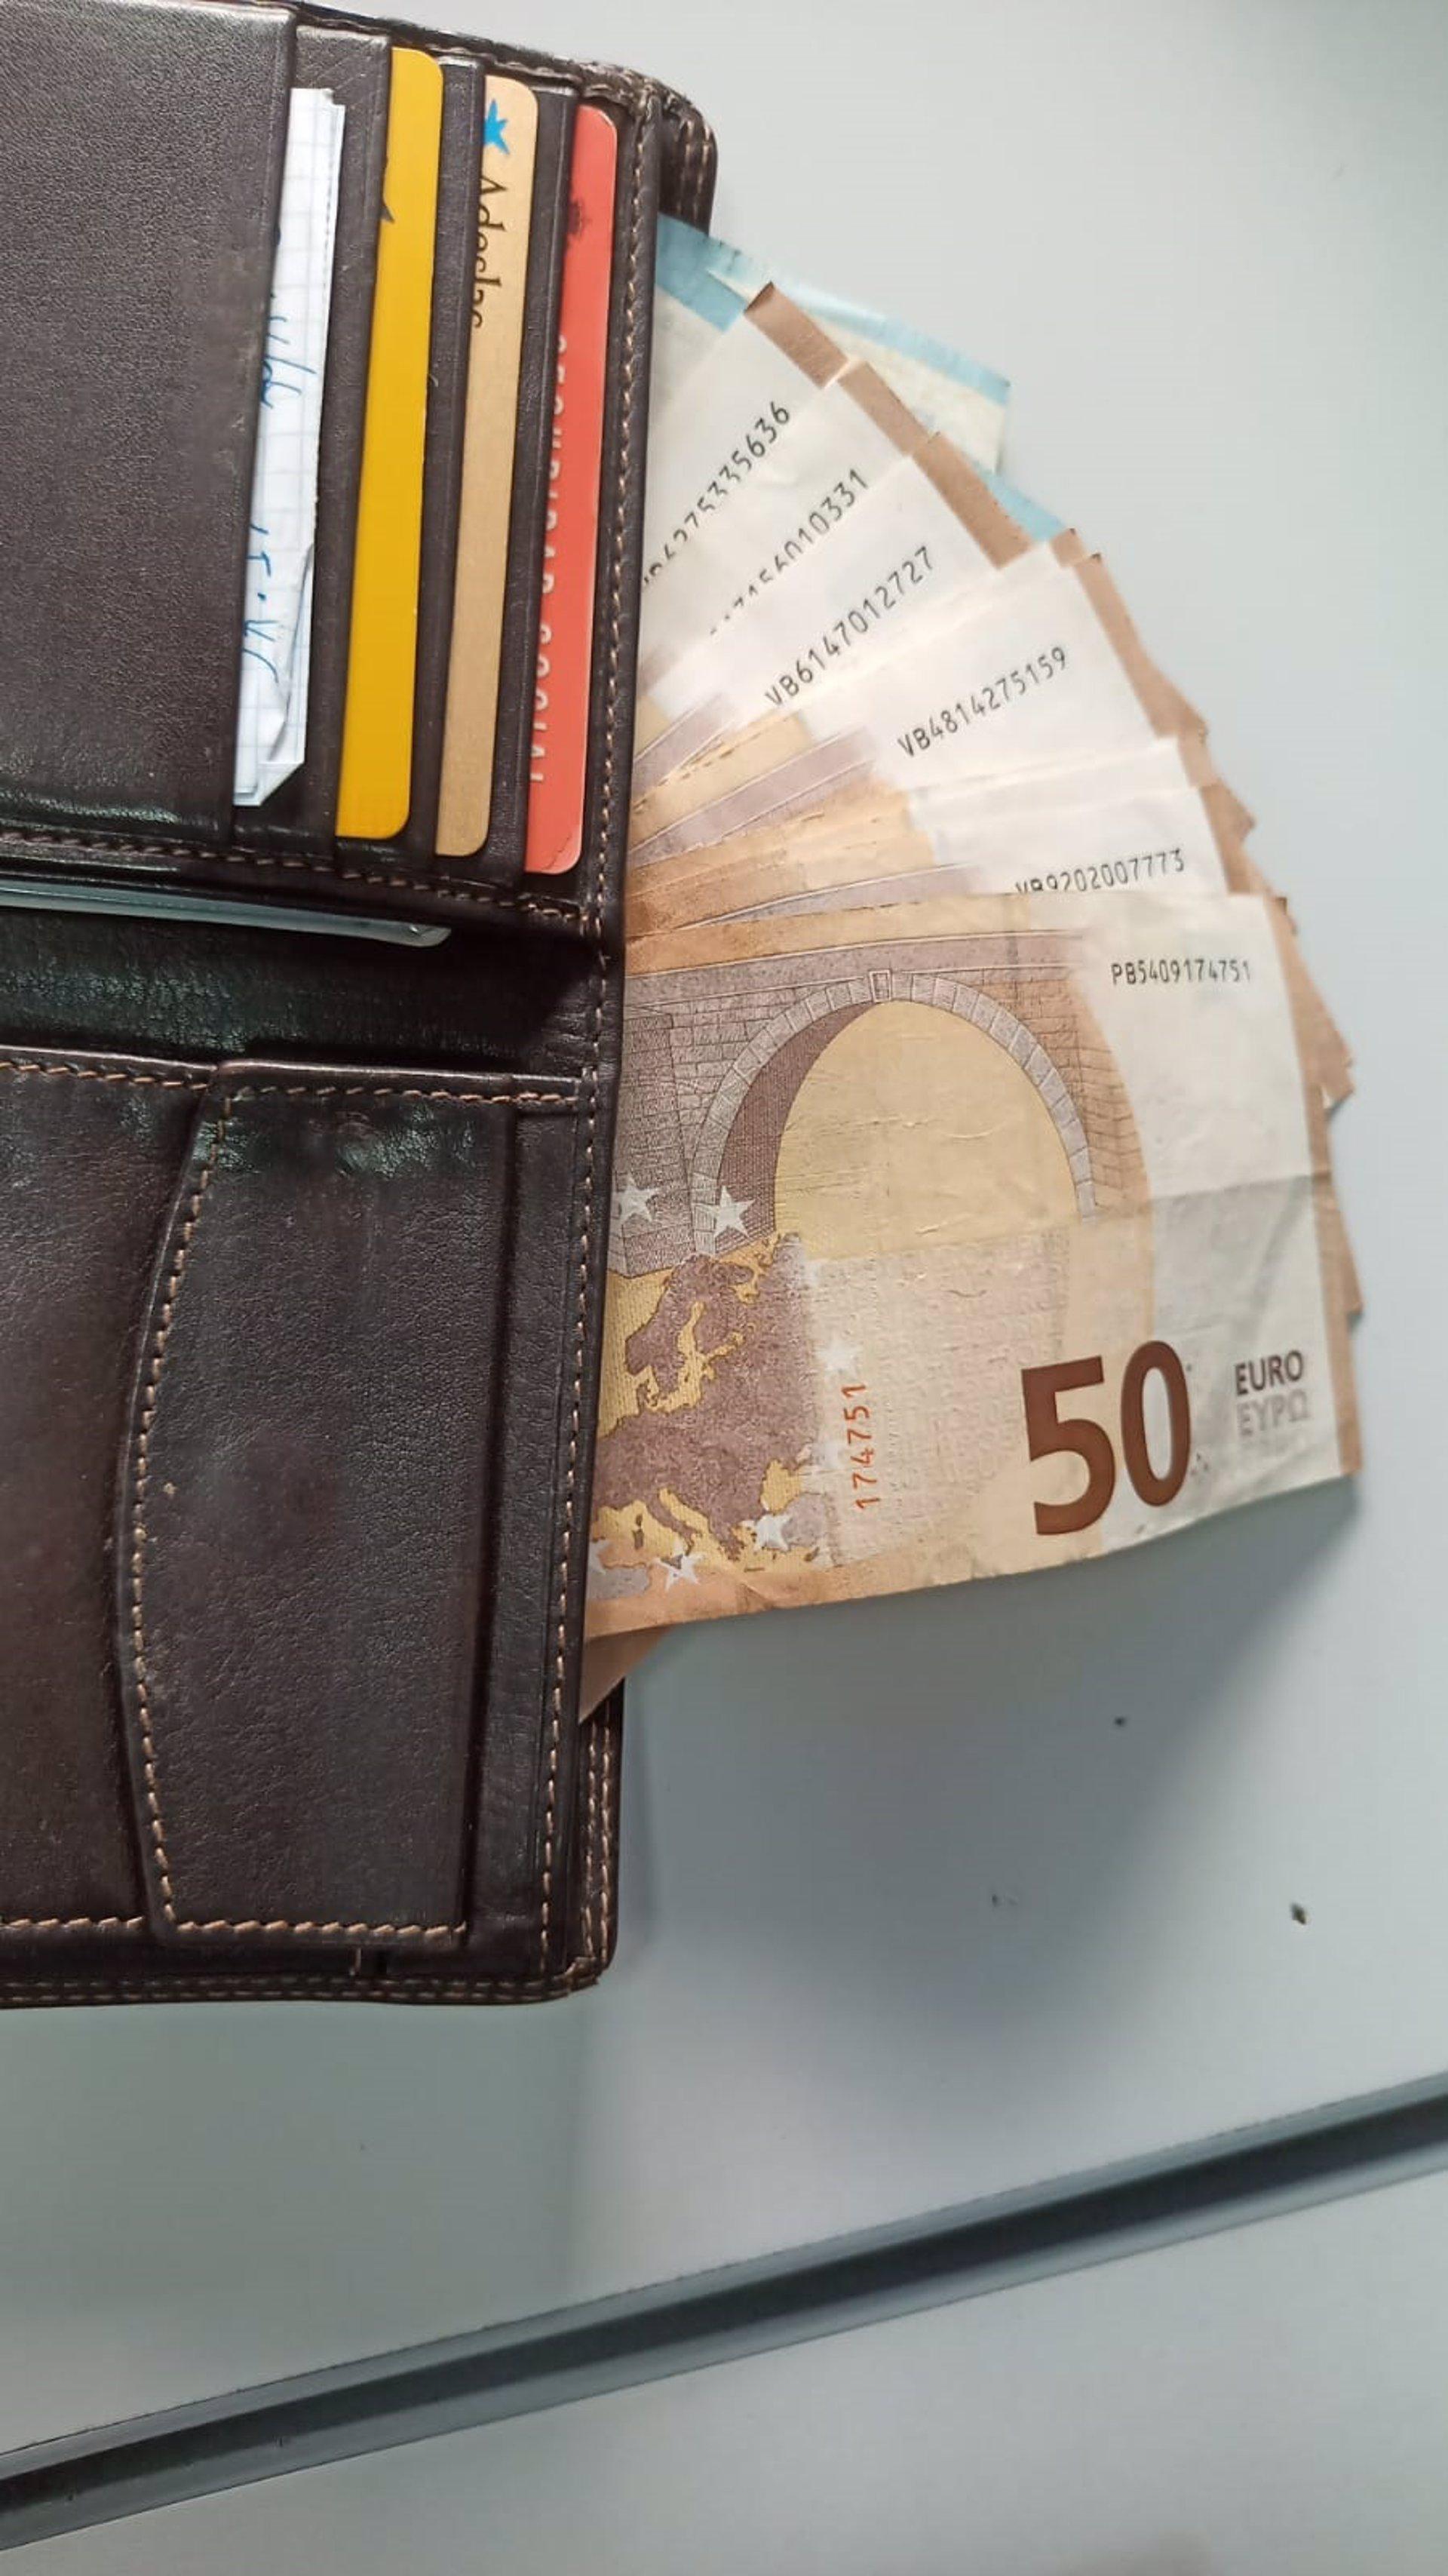 Dos jóvenes entregan a la Policía Local de Almuñécar una cartera con casi 600 euros, documentación y tarjetas